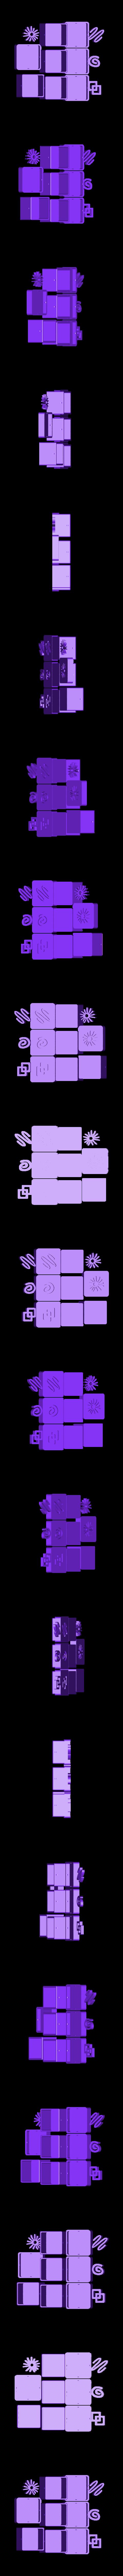 all.stl Télécharger fichier STL gratuit small boxes with coloured insert • Plan pour impression 3D, cyrus